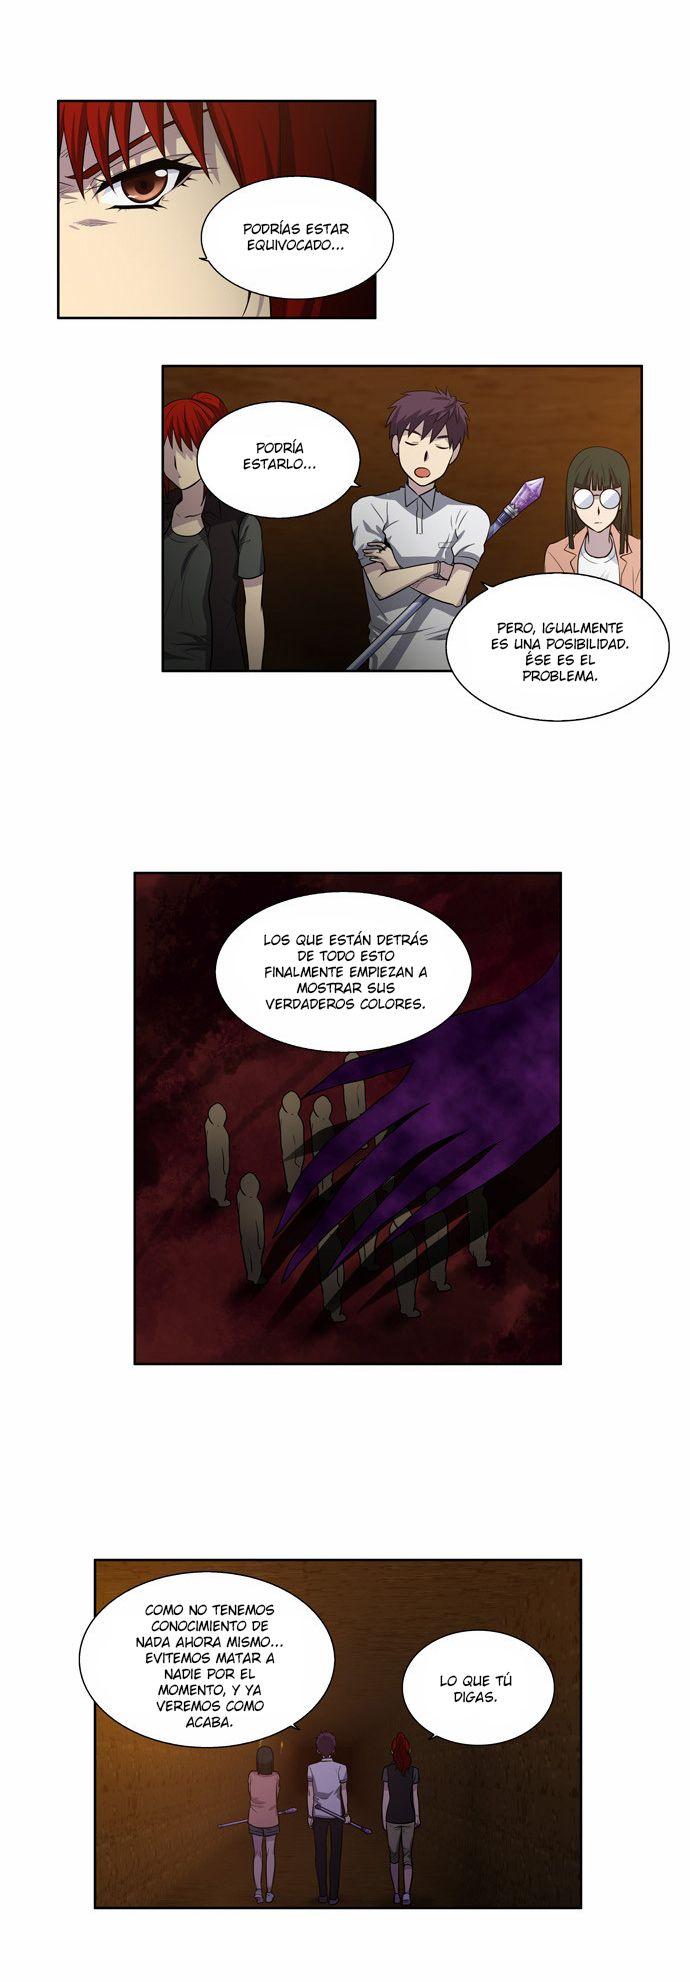 http://c5.ninemanga.com/es_manga/61/1725/482105/bed5623adc8b12bc67a4221a5d5cccc4.jpg Page 12